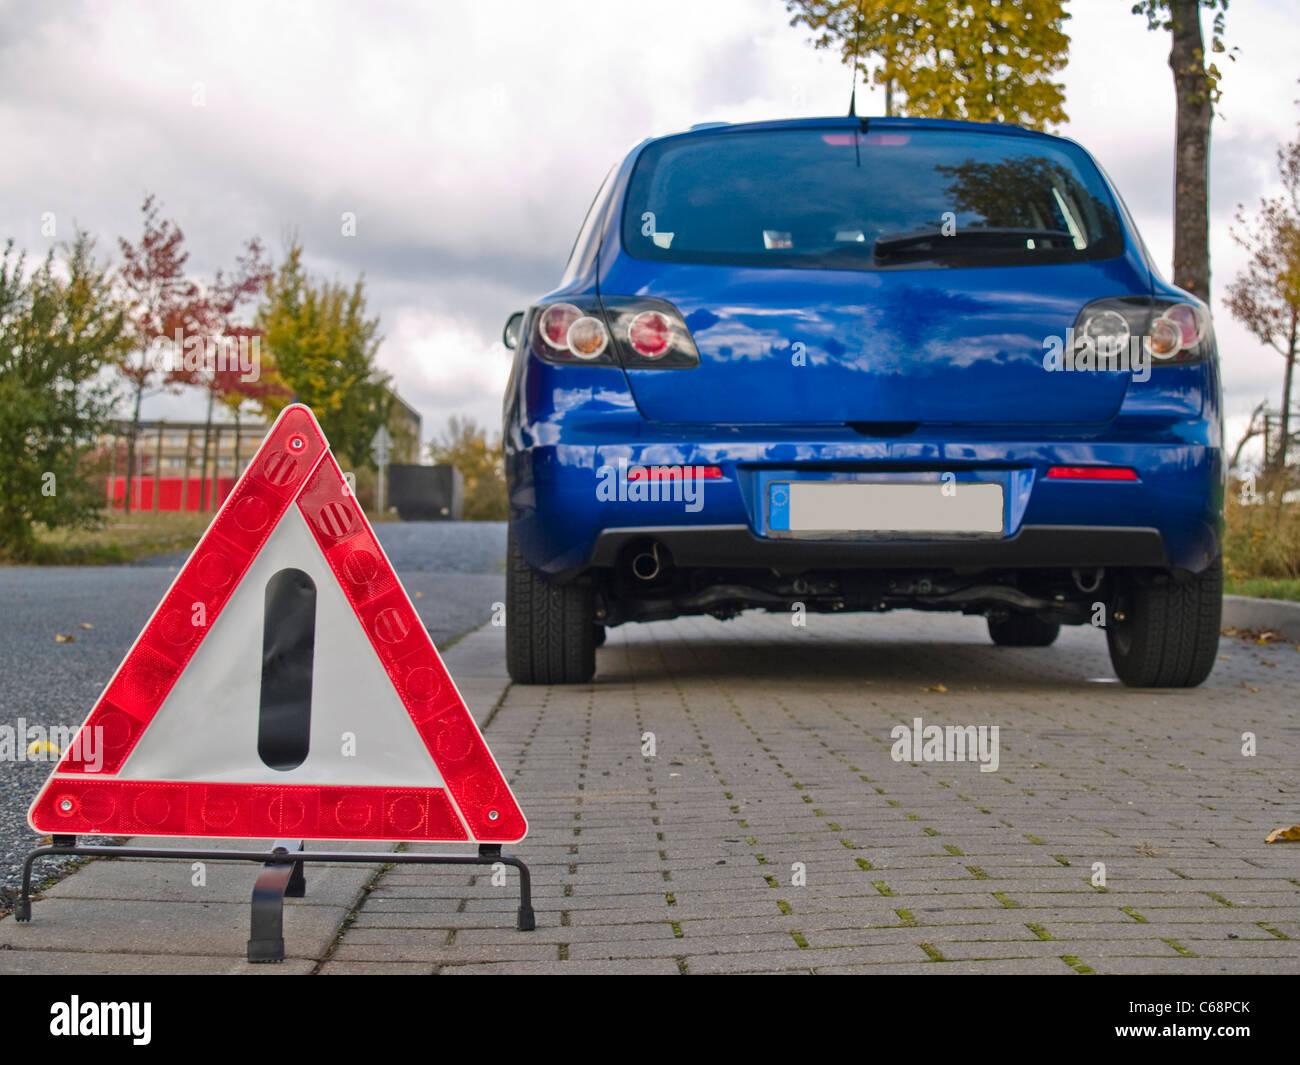 ein Warndreieck, davor steht ein blaues Auto | a warning triangle, in front is a blue car Stock Photo